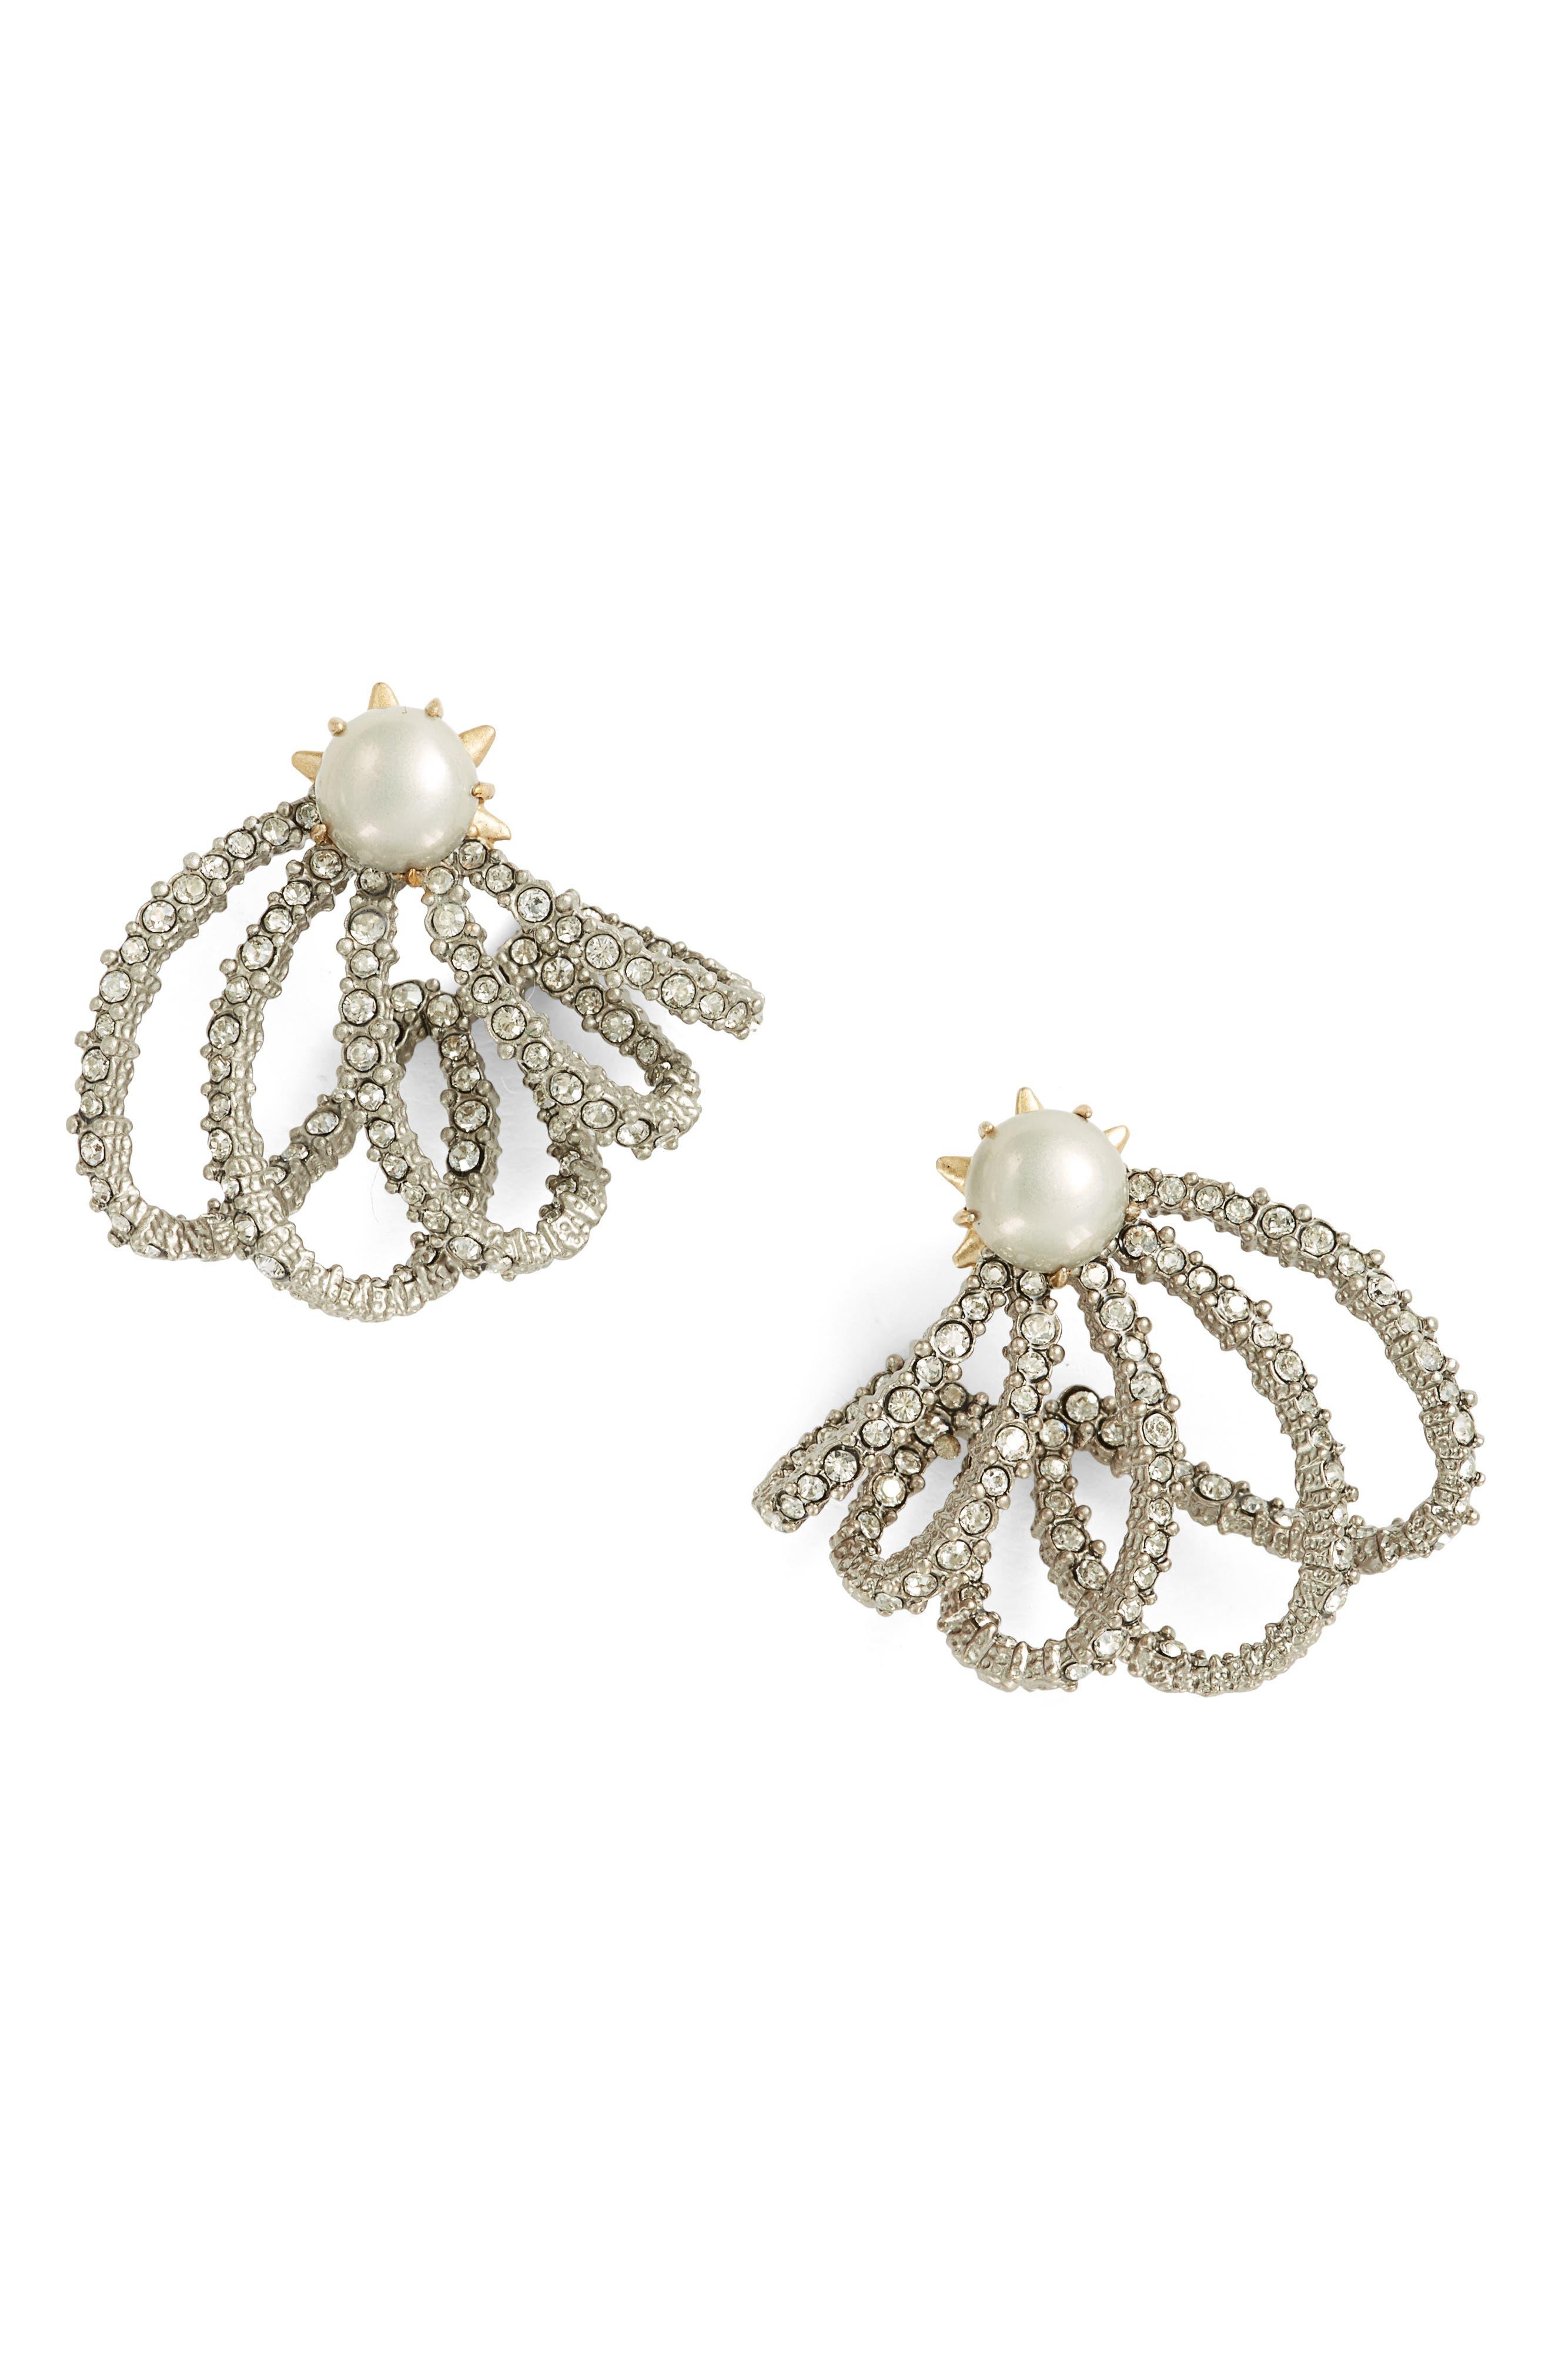 Orbiting Crystal Earrings,                         Main,                         color, Crystal